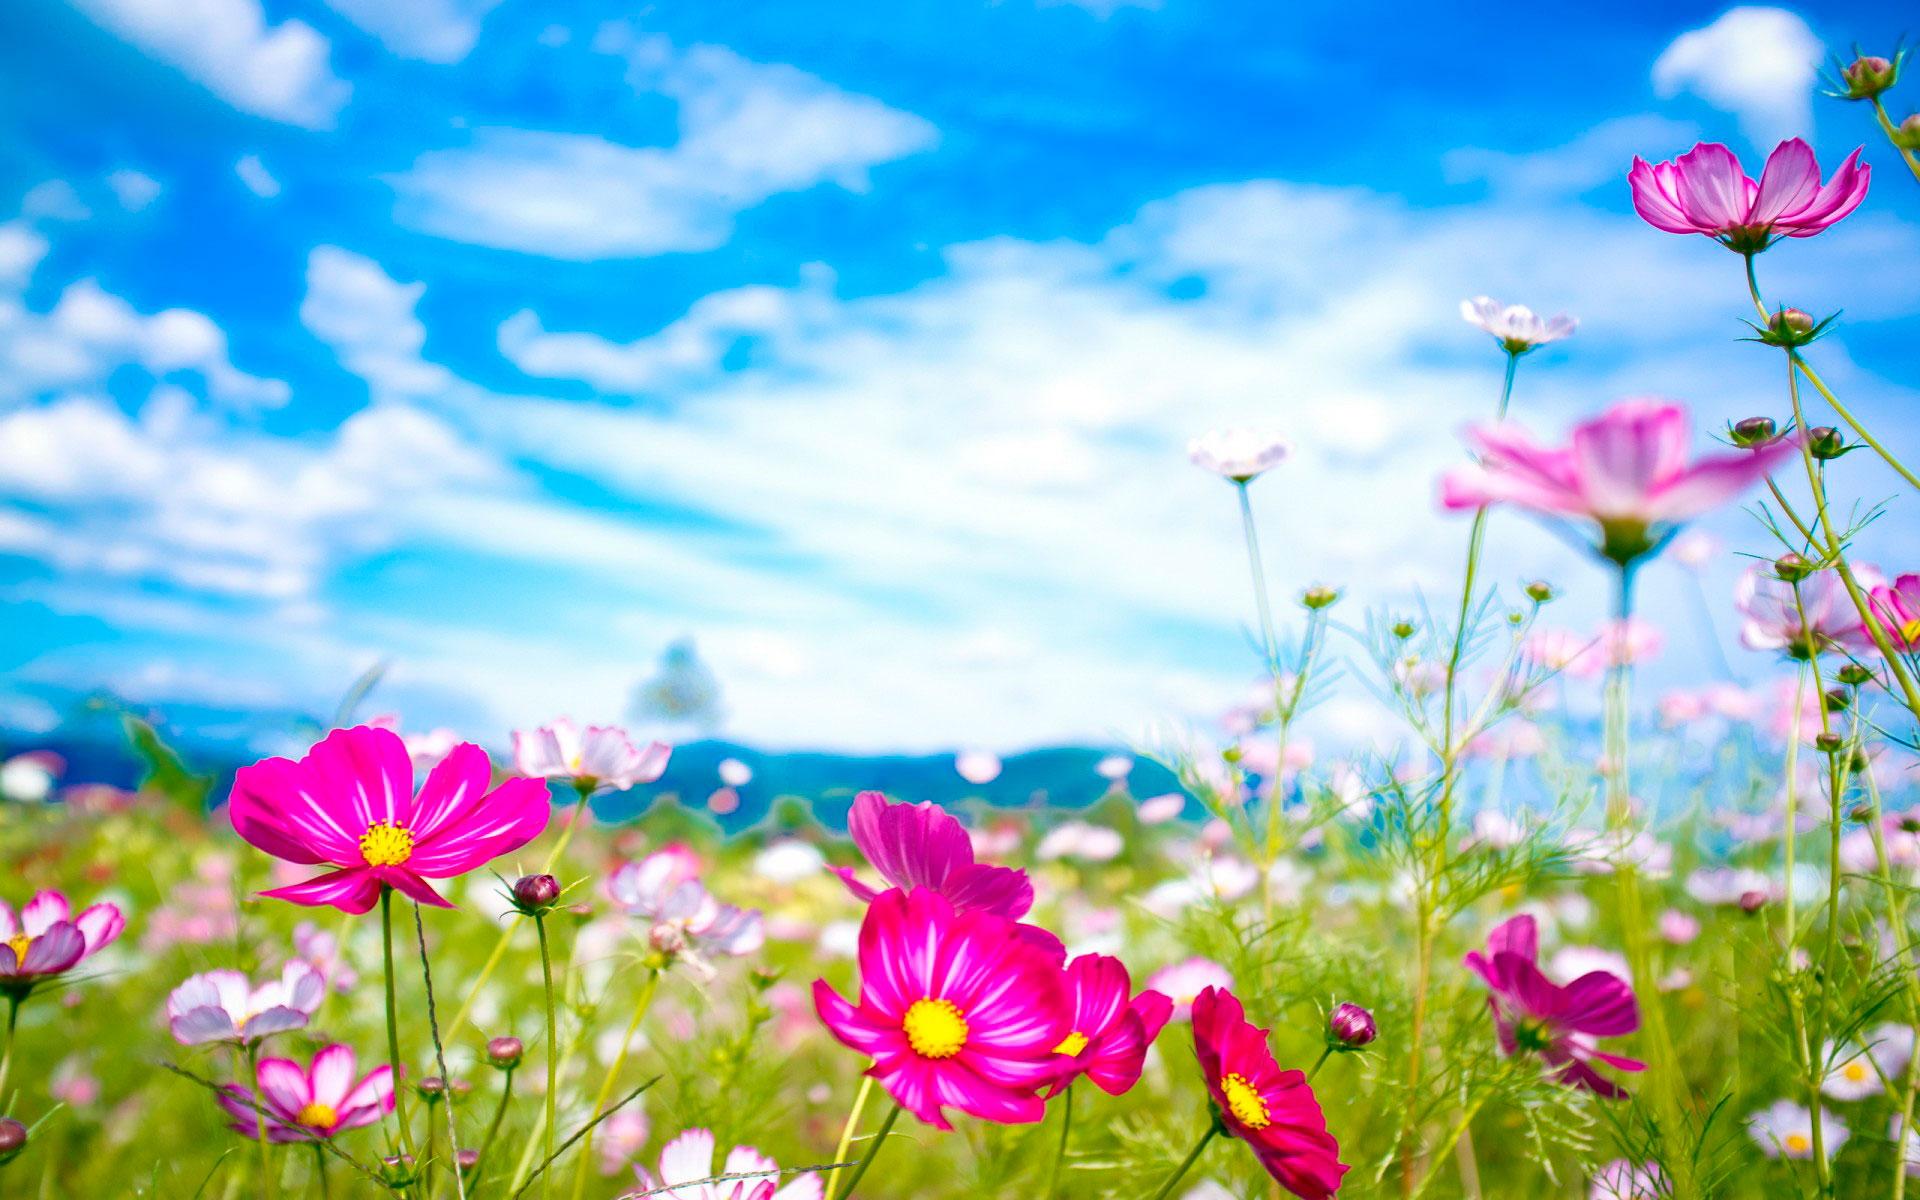 Красивые картинки с природой и цветами на телефон